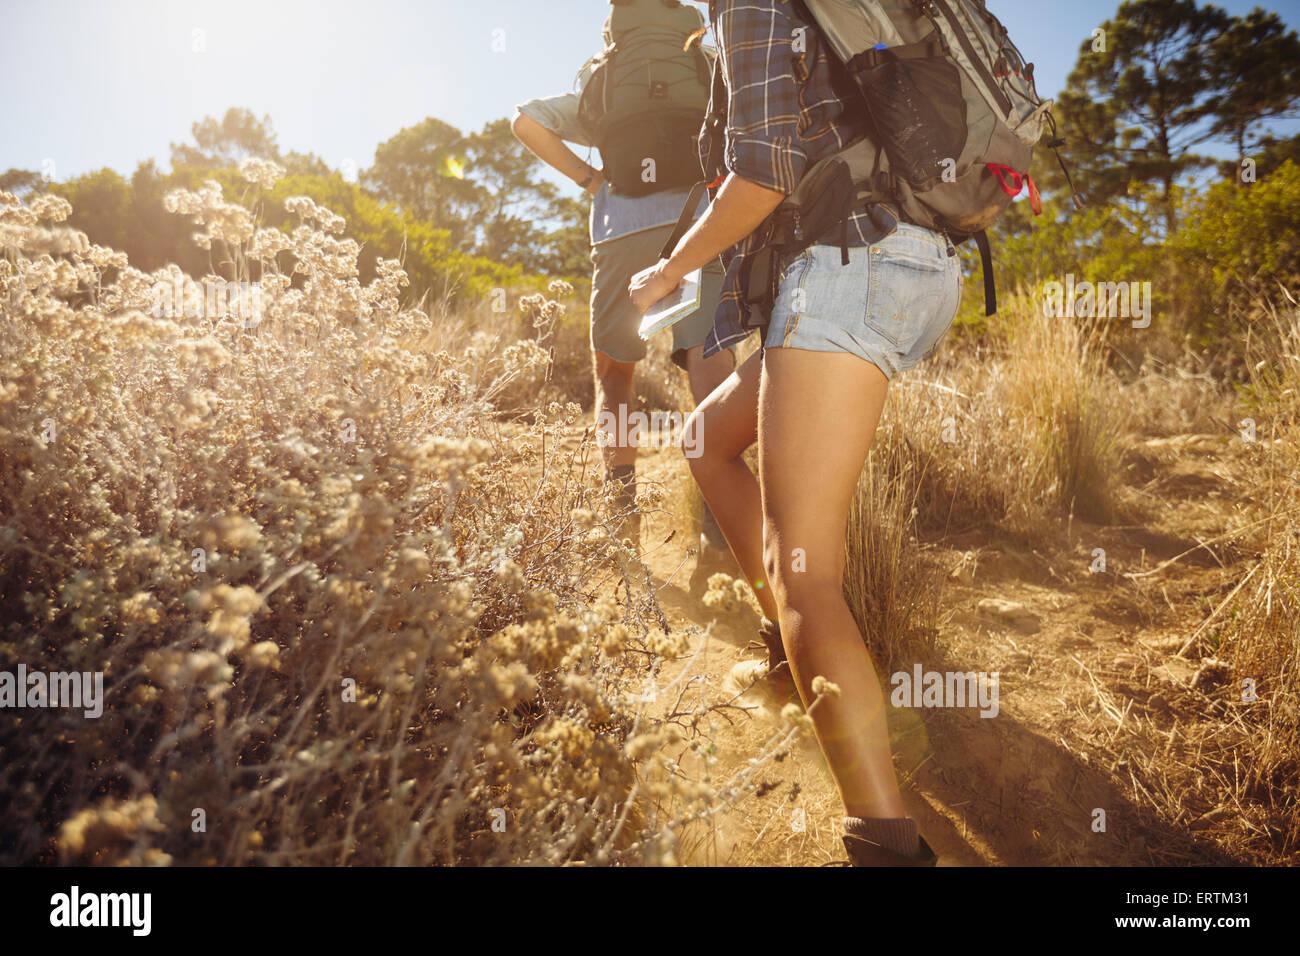 Imagen recortada de un hombre y una mujer caminando en el país ruta trail. Pareja joven senderismo en la montaña en día soleado. Foto de stock